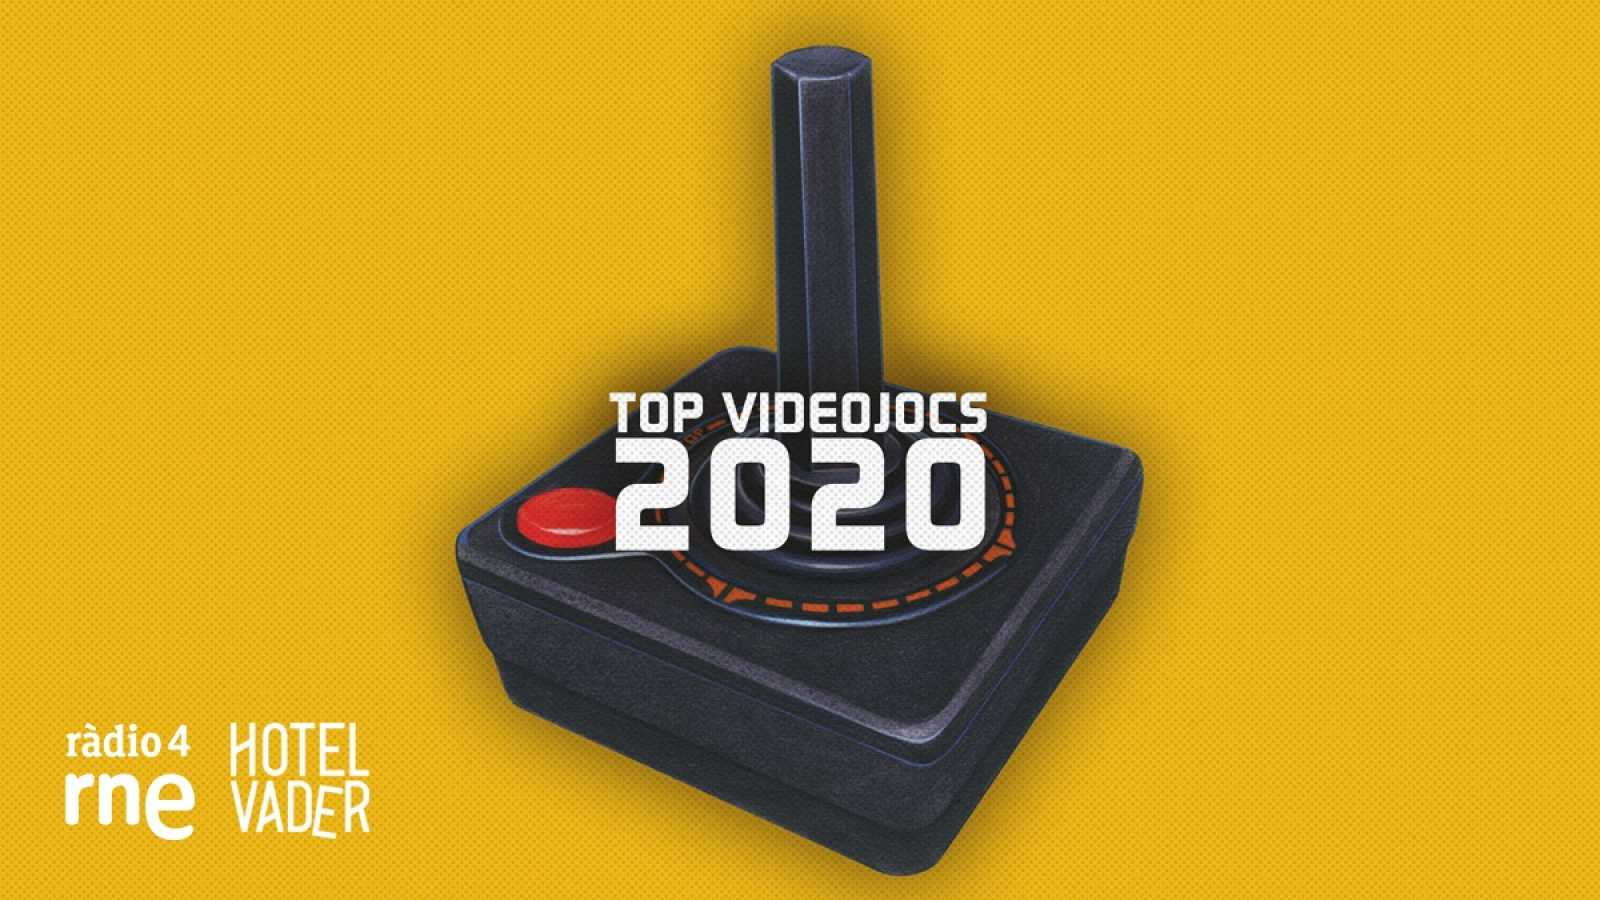 Hotel Vader - Top Vídeojocs 2020